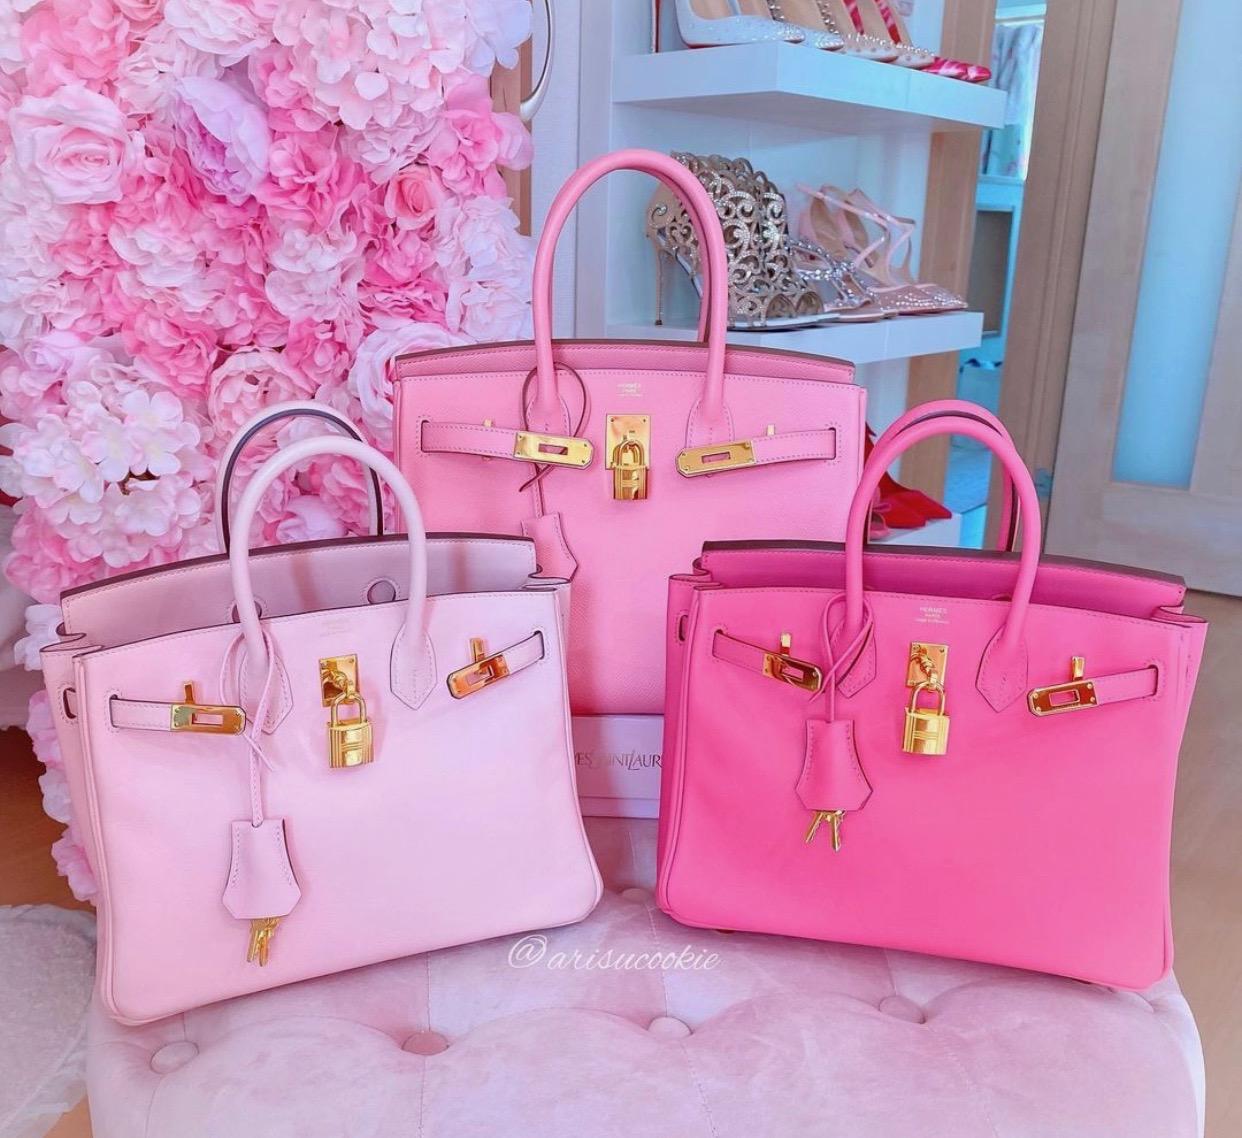 Hermes Bag Collection